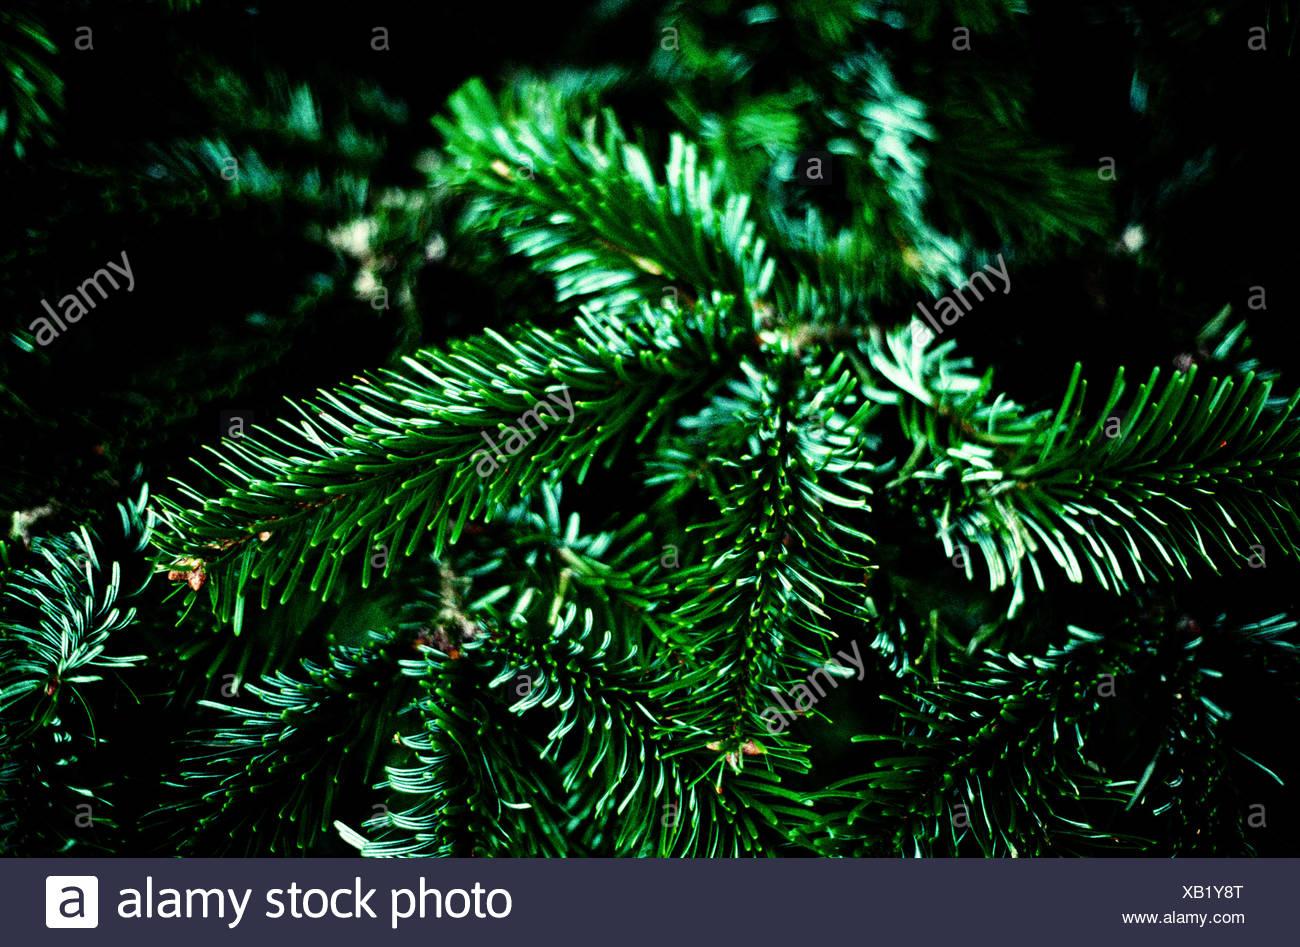 Un arbre de Noël, close-up Photo Stock